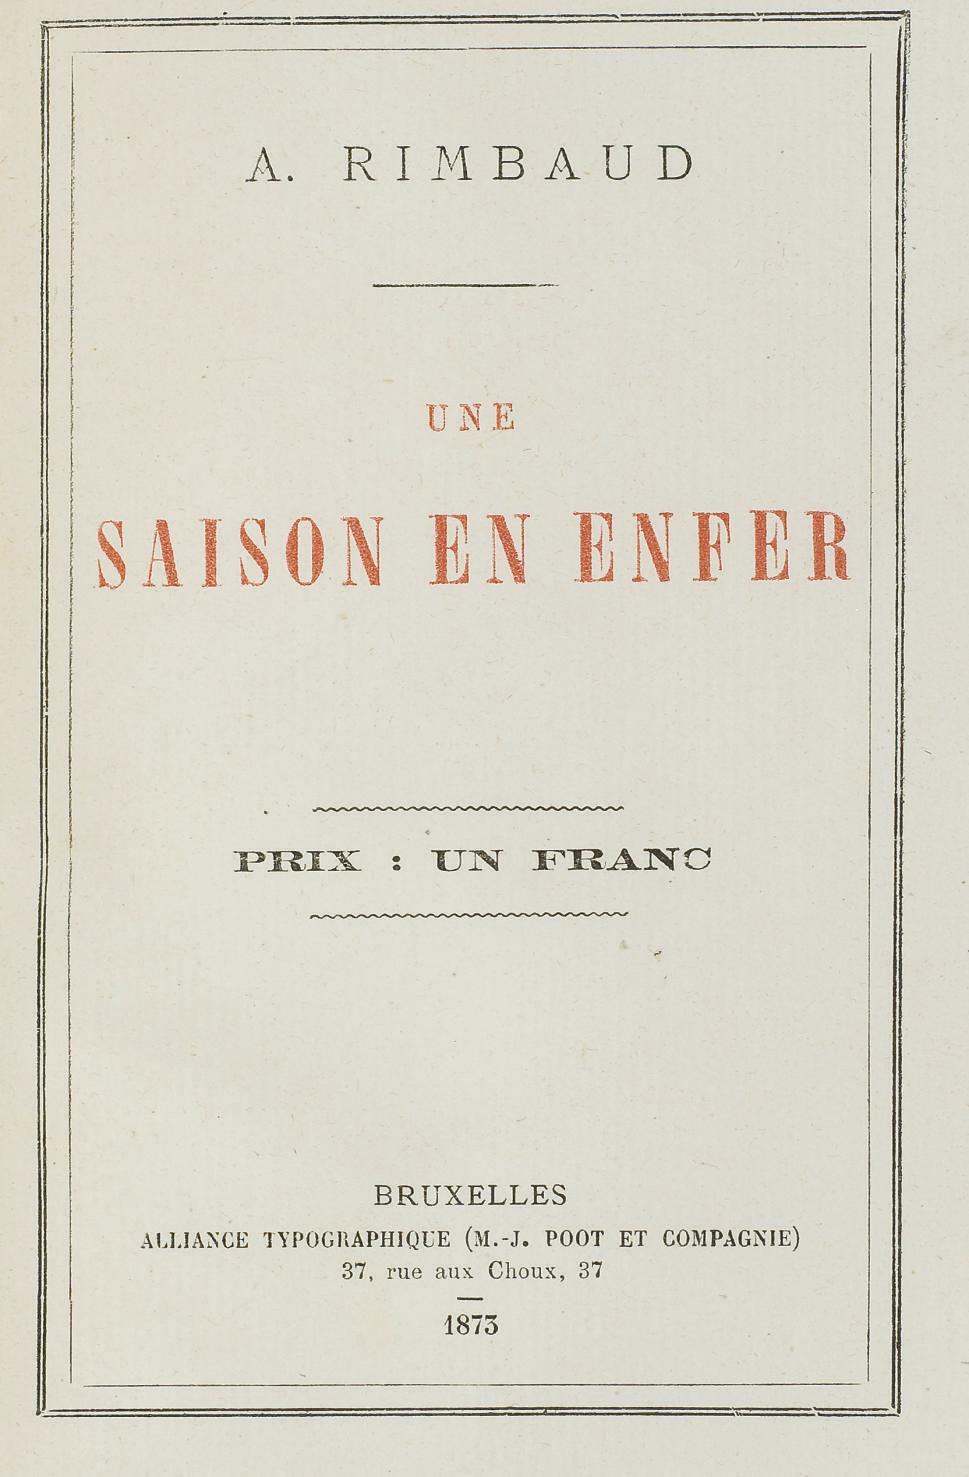 RIMBAUD, Arthur (1854-1891). Une saison en enfer. Bruxelles: Alliance typographique, 1873.